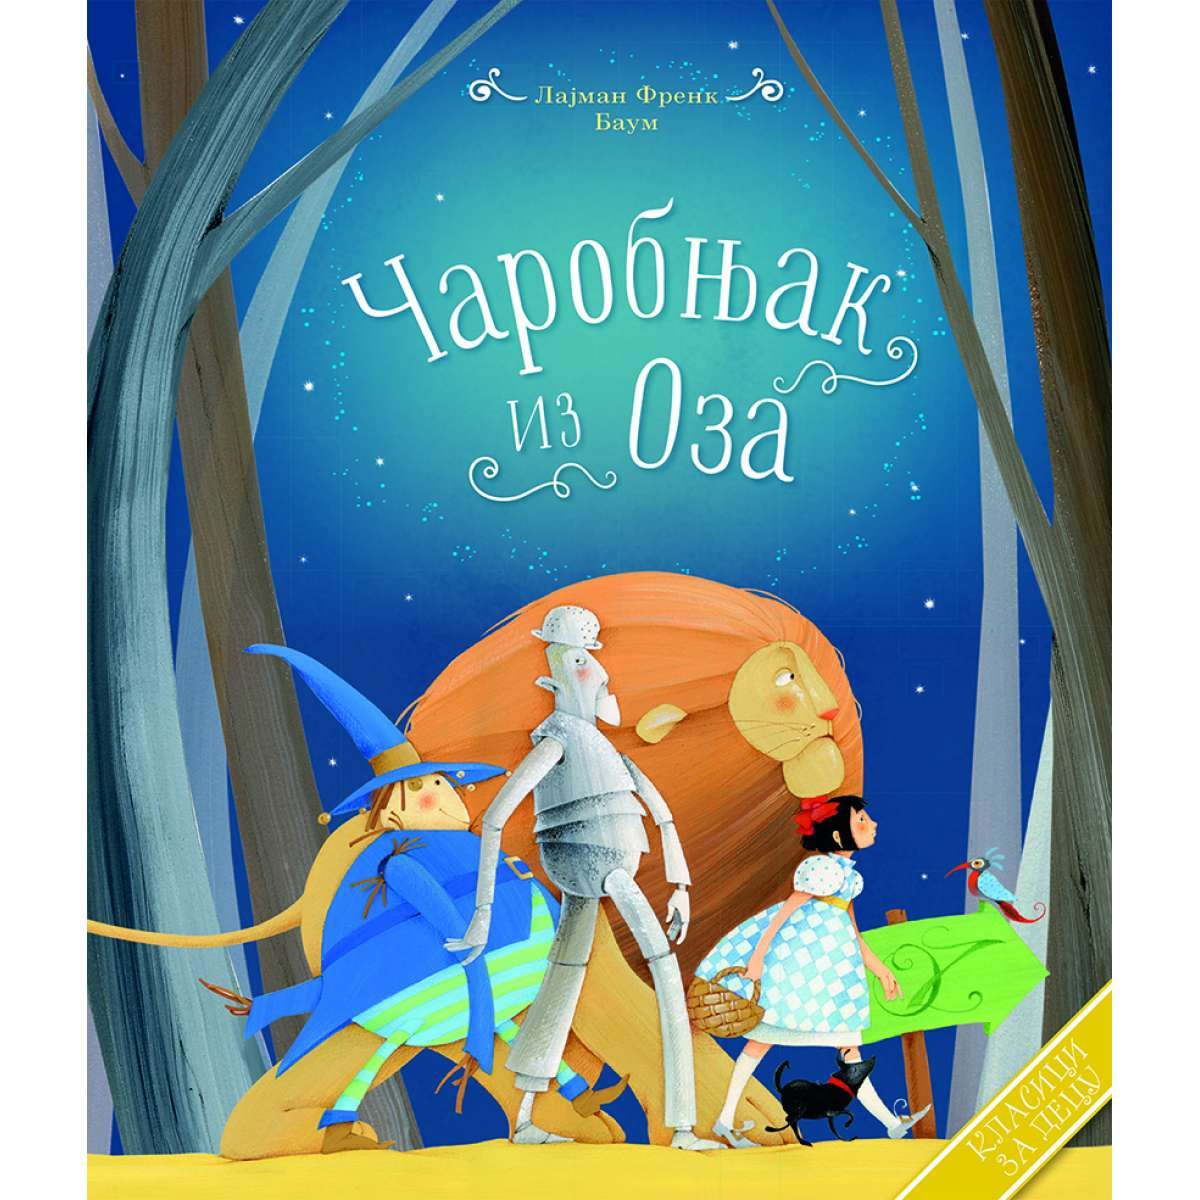 Klasici za decu: Čarobnjak iz Oza